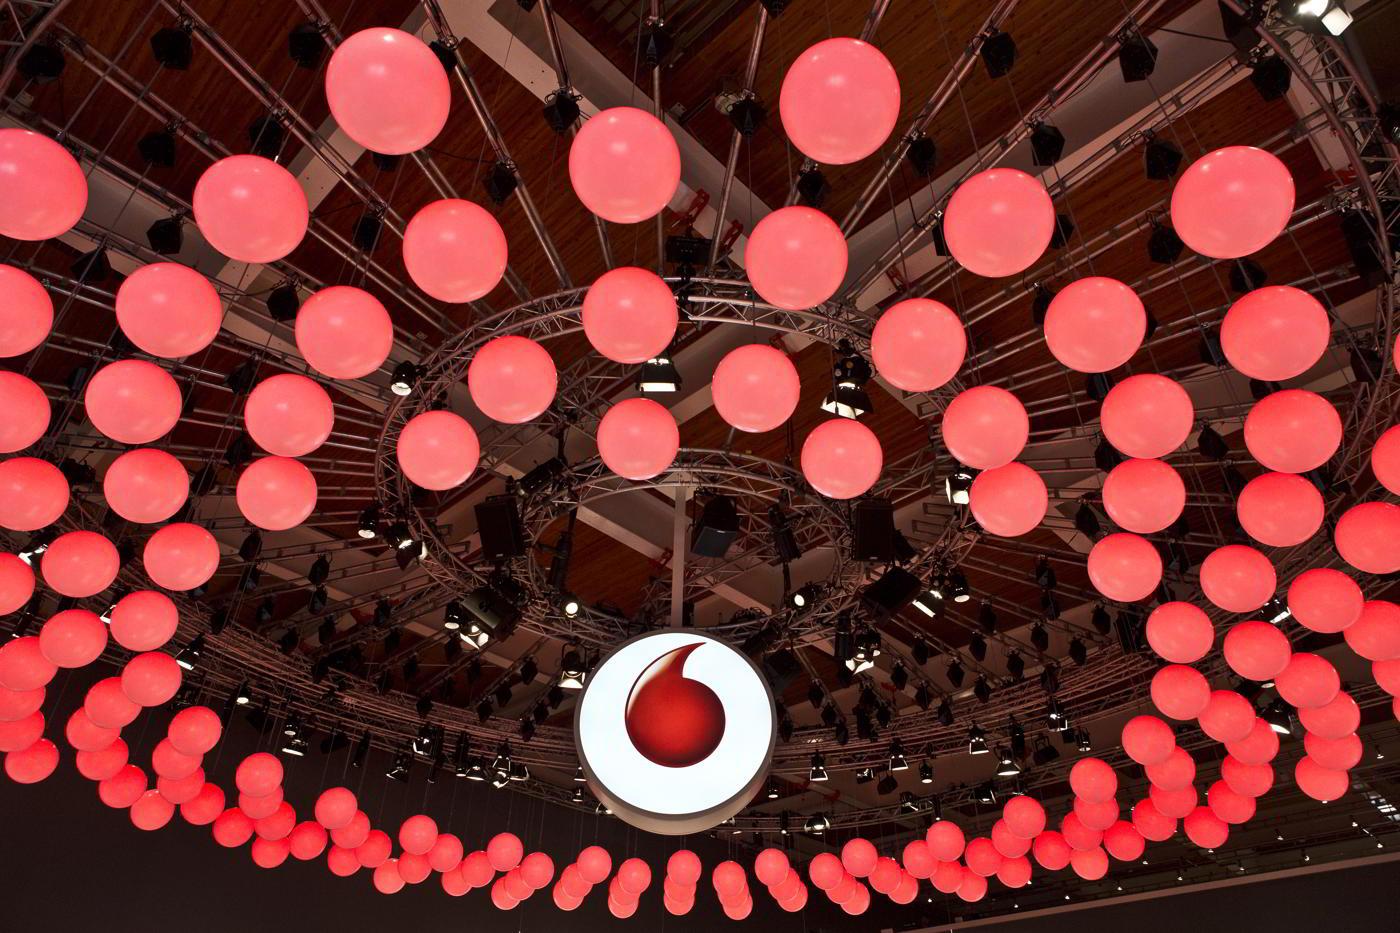 Vodafone, Telekommunikation, high potential, Berufseinstieg bei Vodafone, Mobilfunkanbieter, Carsharing, Oktoberfest, Vertirebskarriere, Wissenswertes über Vodafone